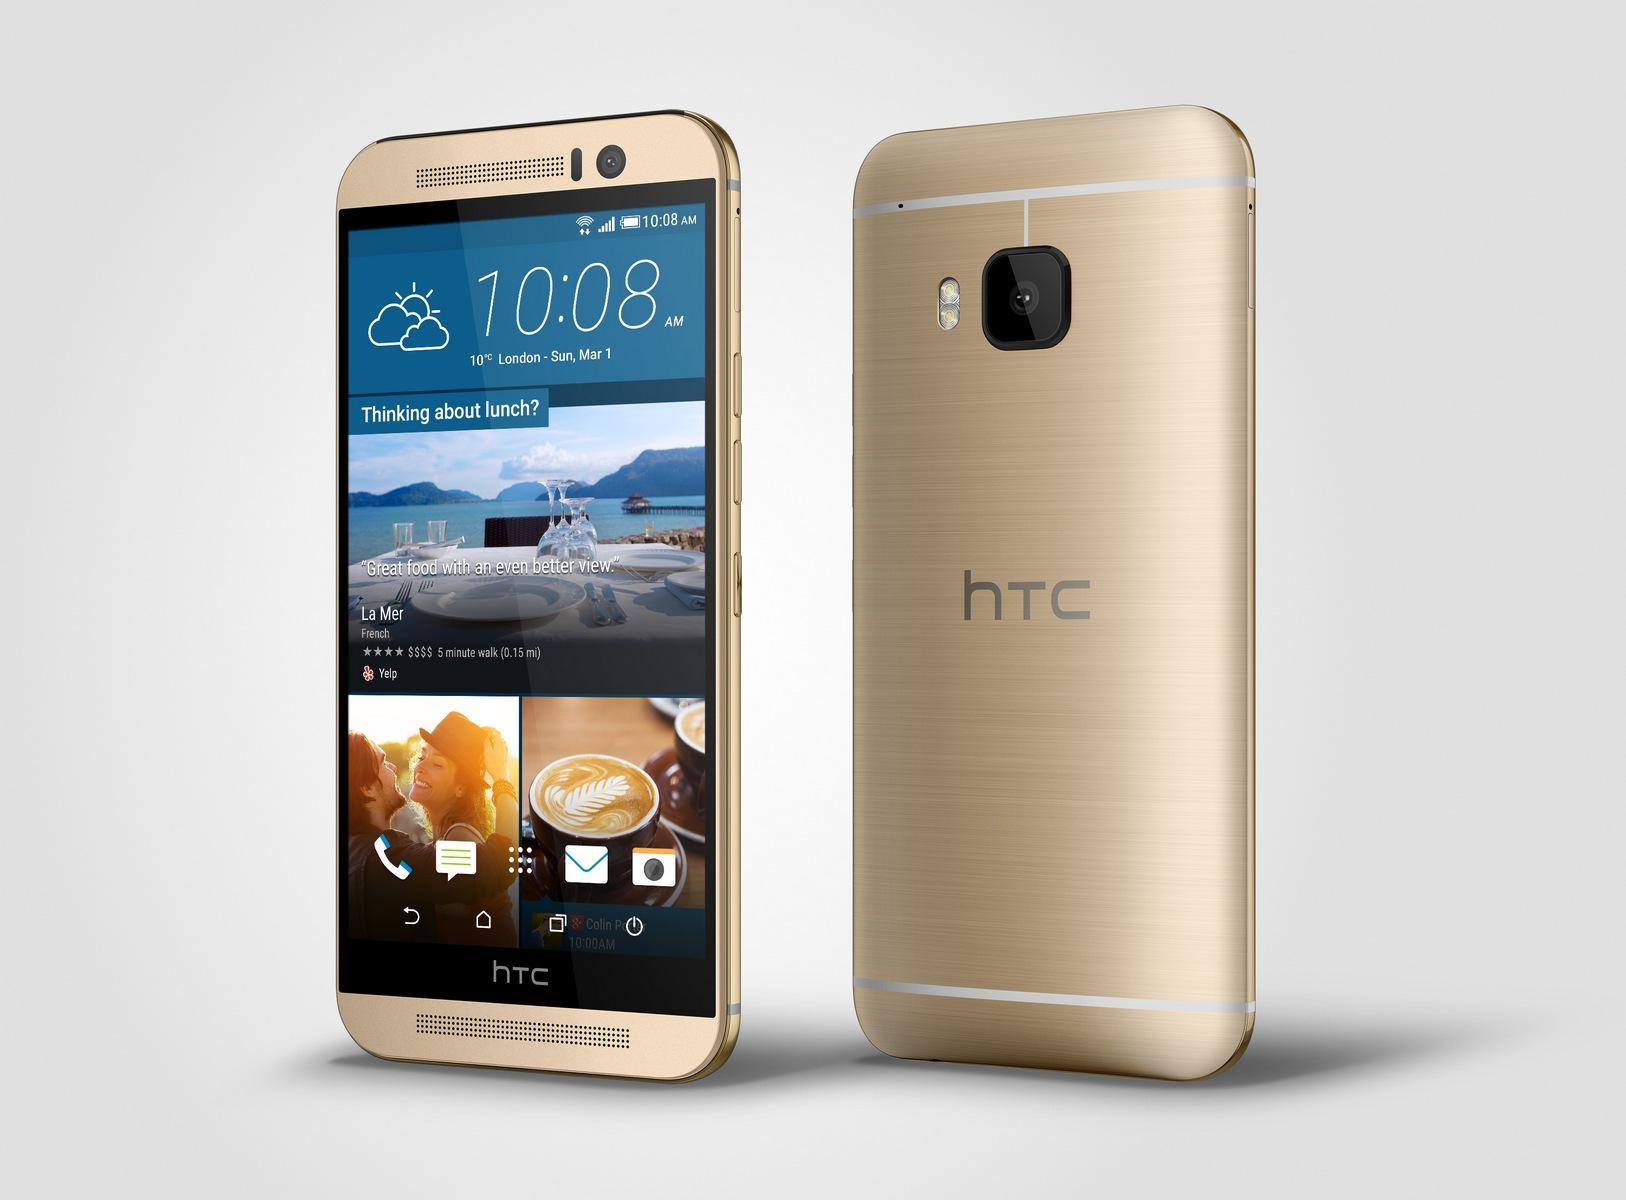 HTC One M9 with 3GB RAM